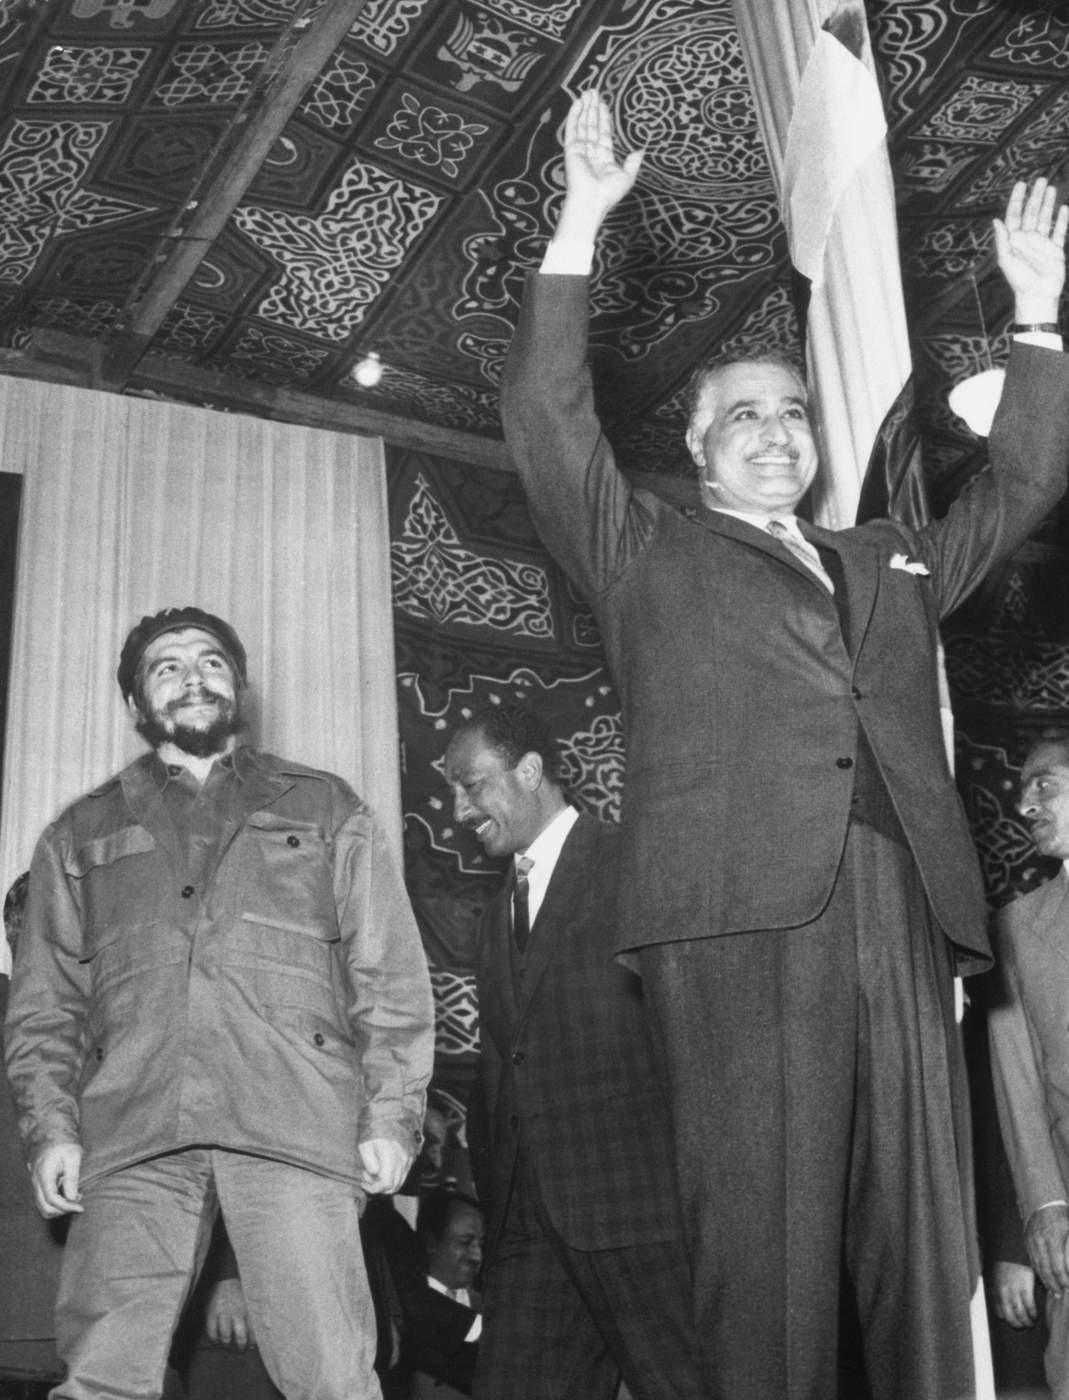 El Che y el presidente de Egipto, Gamal Abdel Nasser, impulsor del panarabismo y del socialismo árabe, se encuentran en más de una ocasión y se profesan respeto mutuo. (Getty Images)